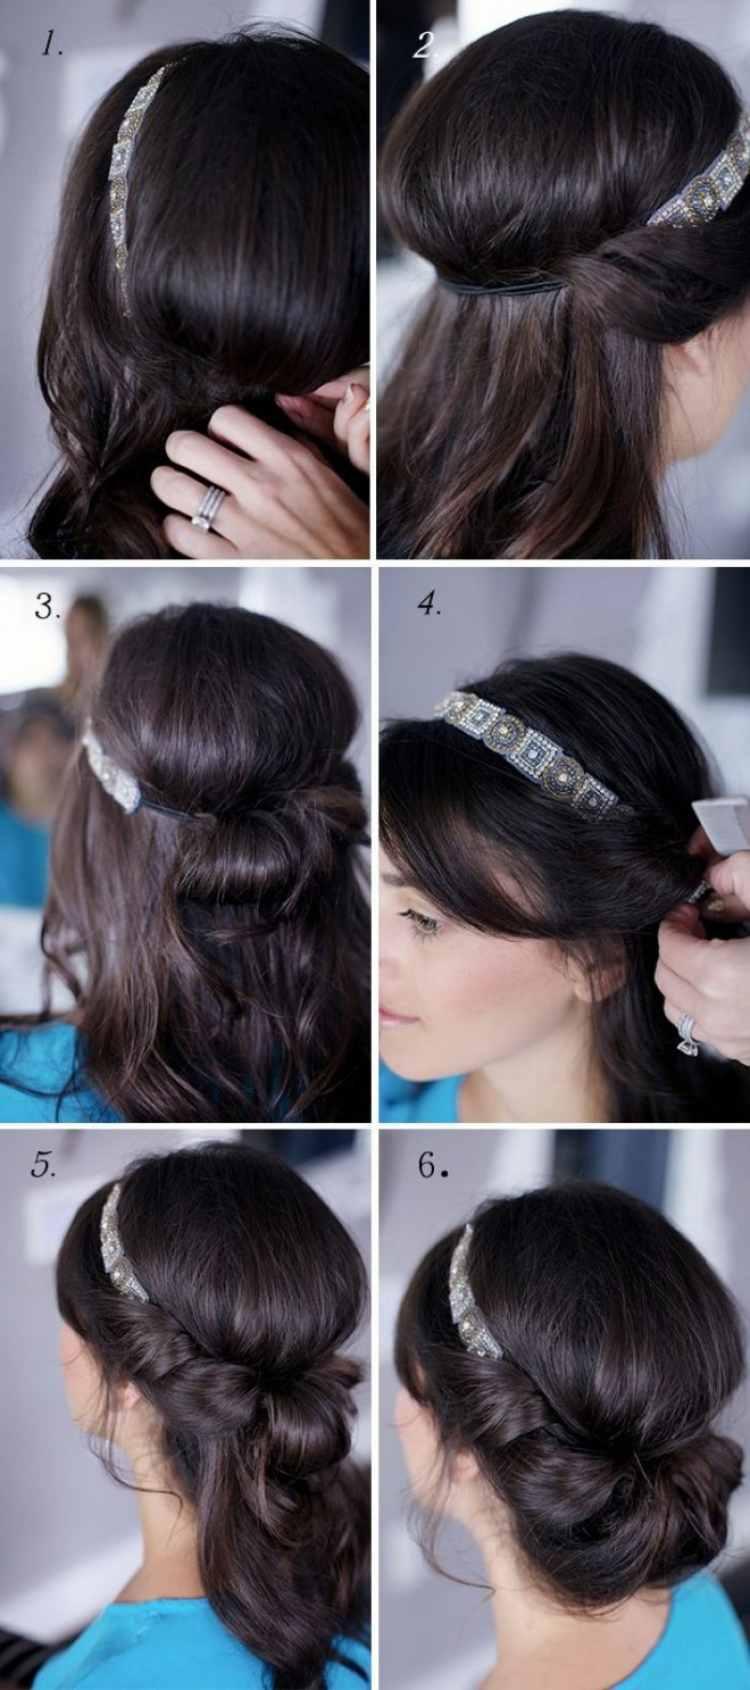 Sommerfrisuren Mit Haarband 33 Ideen Für Schöne Stylings